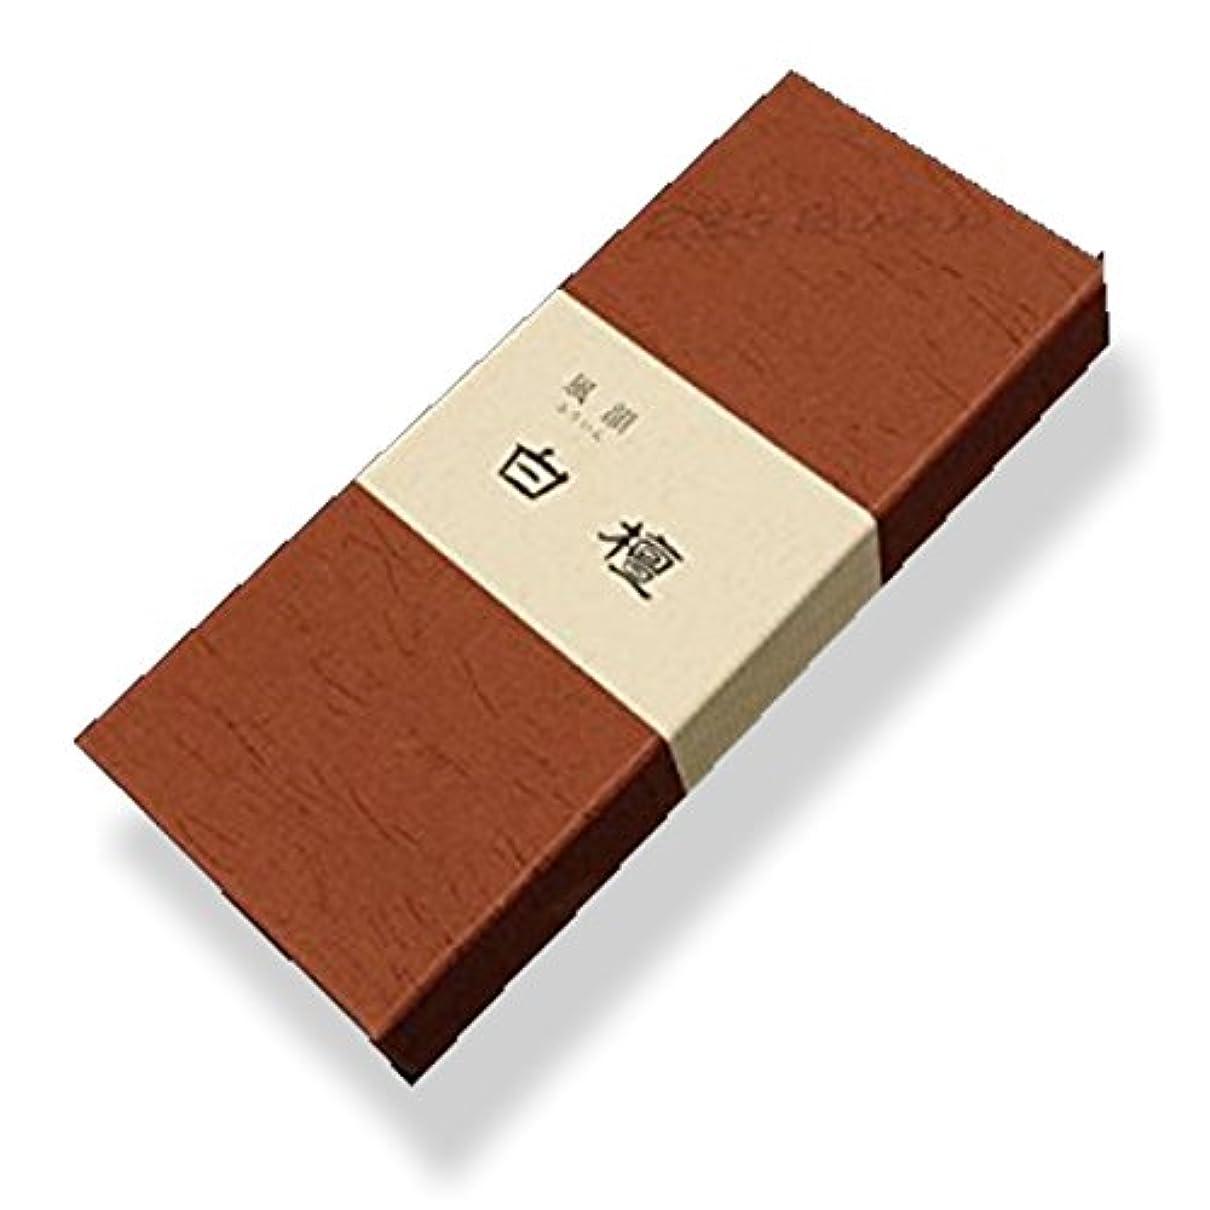 シャベルクラウンリズム風韻 白檀 短寸 天然香料 (45 グラム)